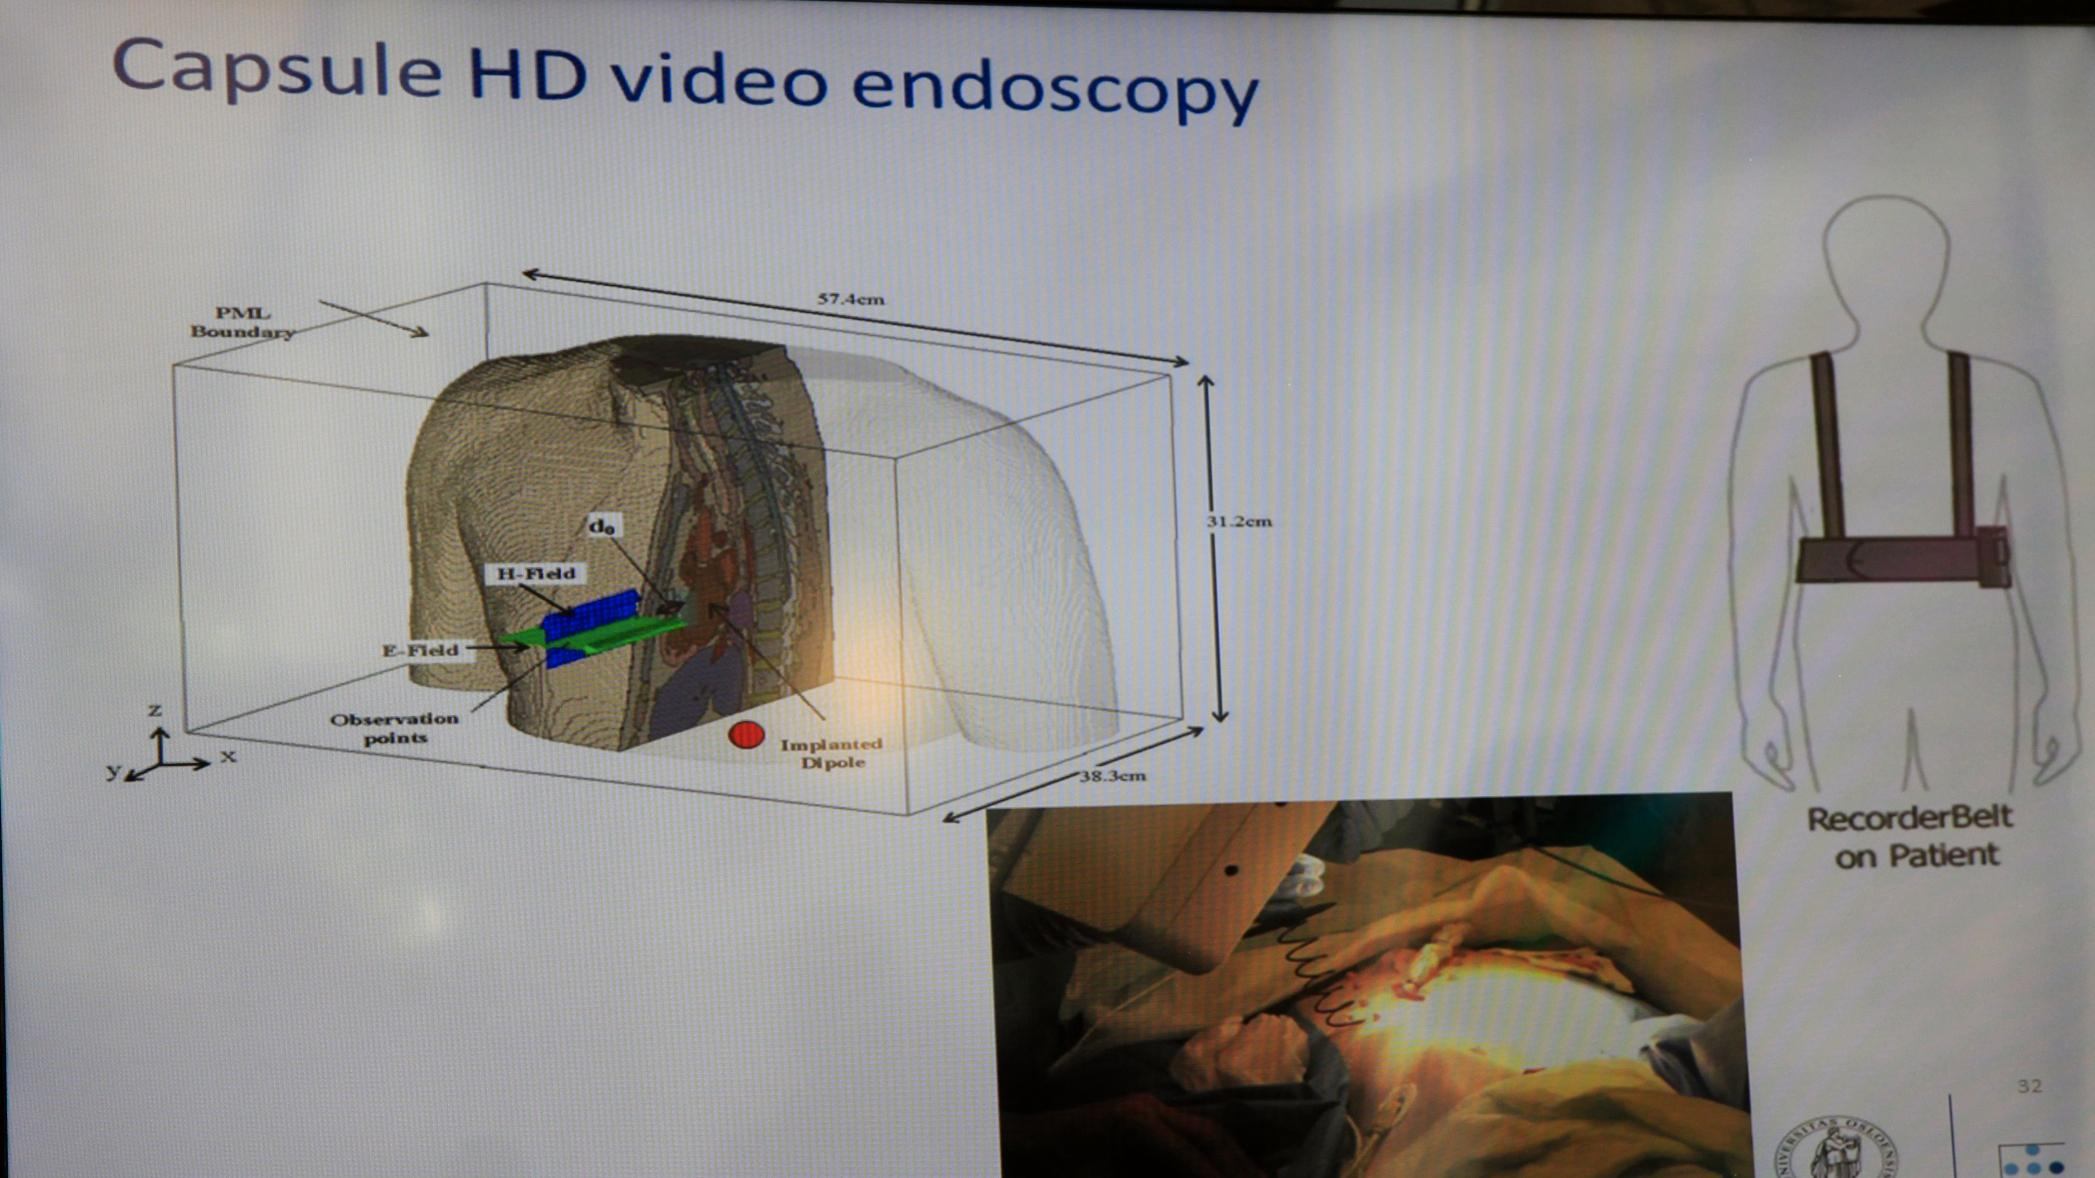 Ved å svelge et lite pillekamera kan pasienten unngå ubehagelige undersøkelser.